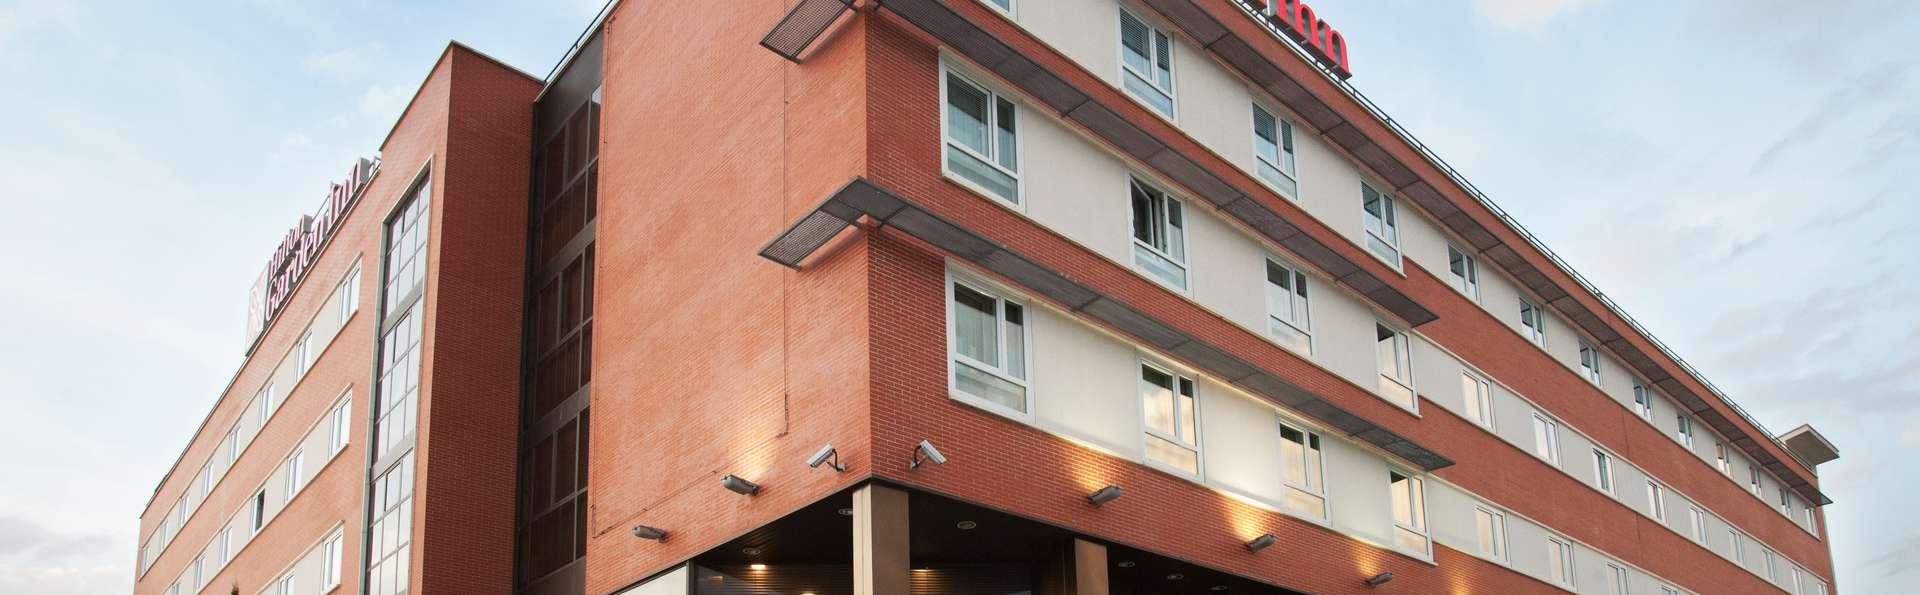 Hilton Garden Inn Málaga - Fachada.jpg